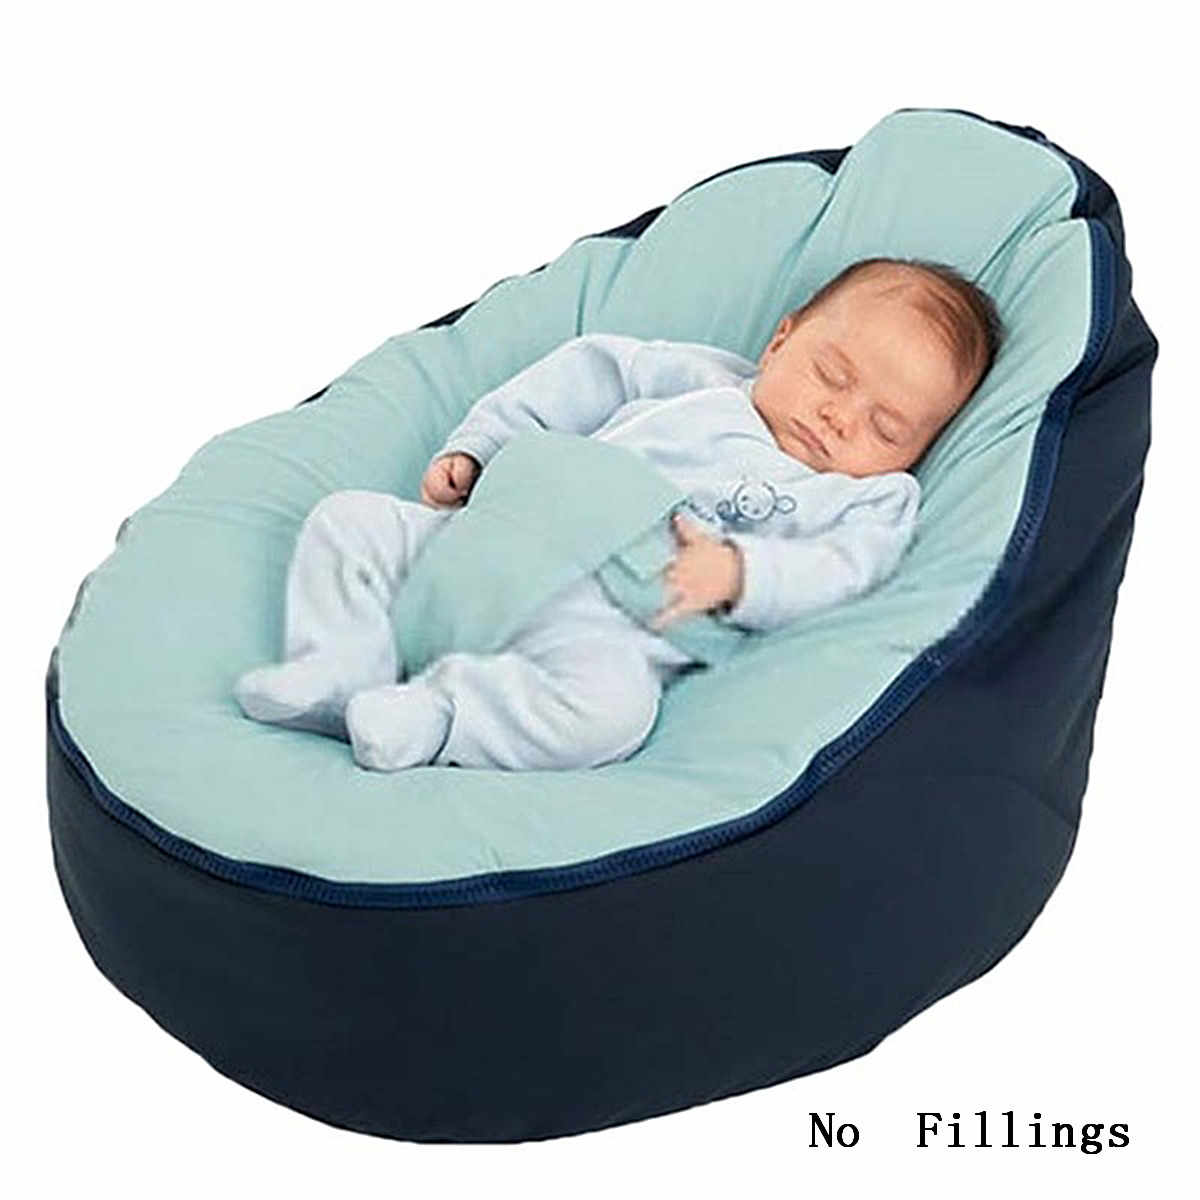 لينة كرسي أطفال الرضع كيس فول غطاء السرير دون حشو بوف لتغذية الطفل تحبب السرير مع حزام لحماية السلامة